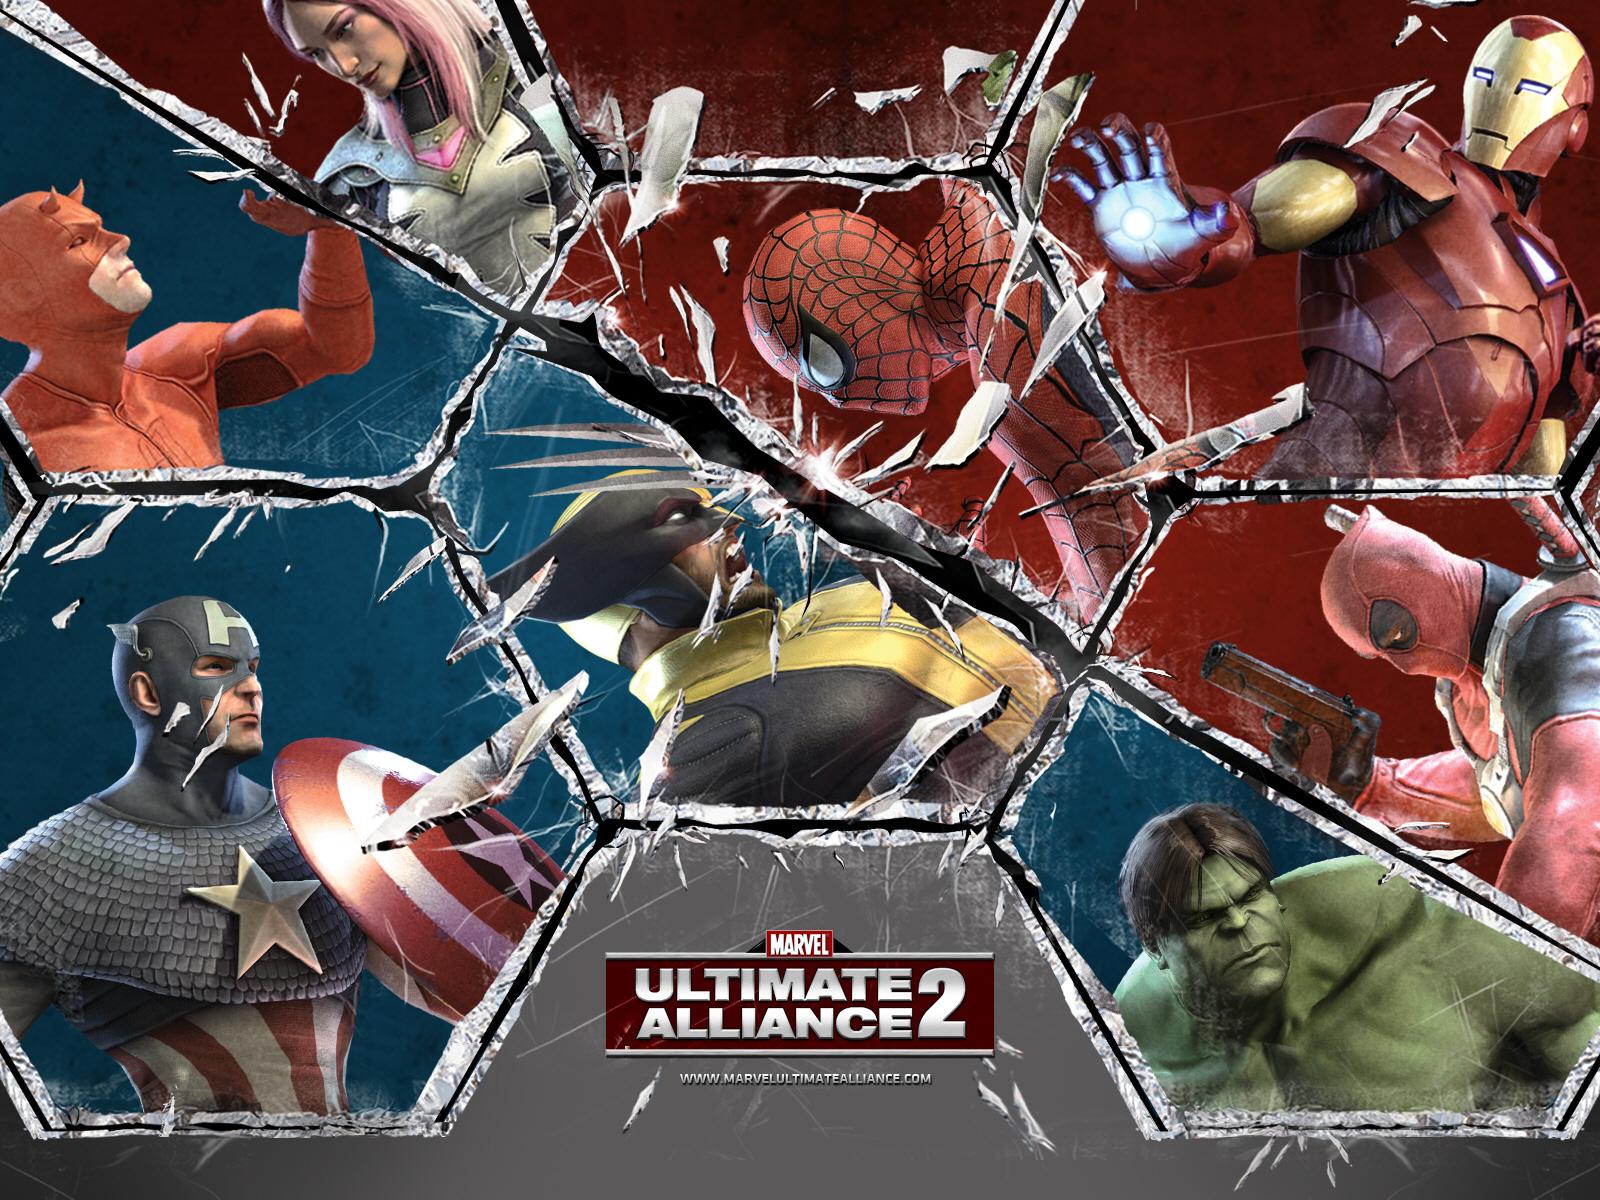 Marvel ultimate alliance 2 é um jogo videogames é a continuação